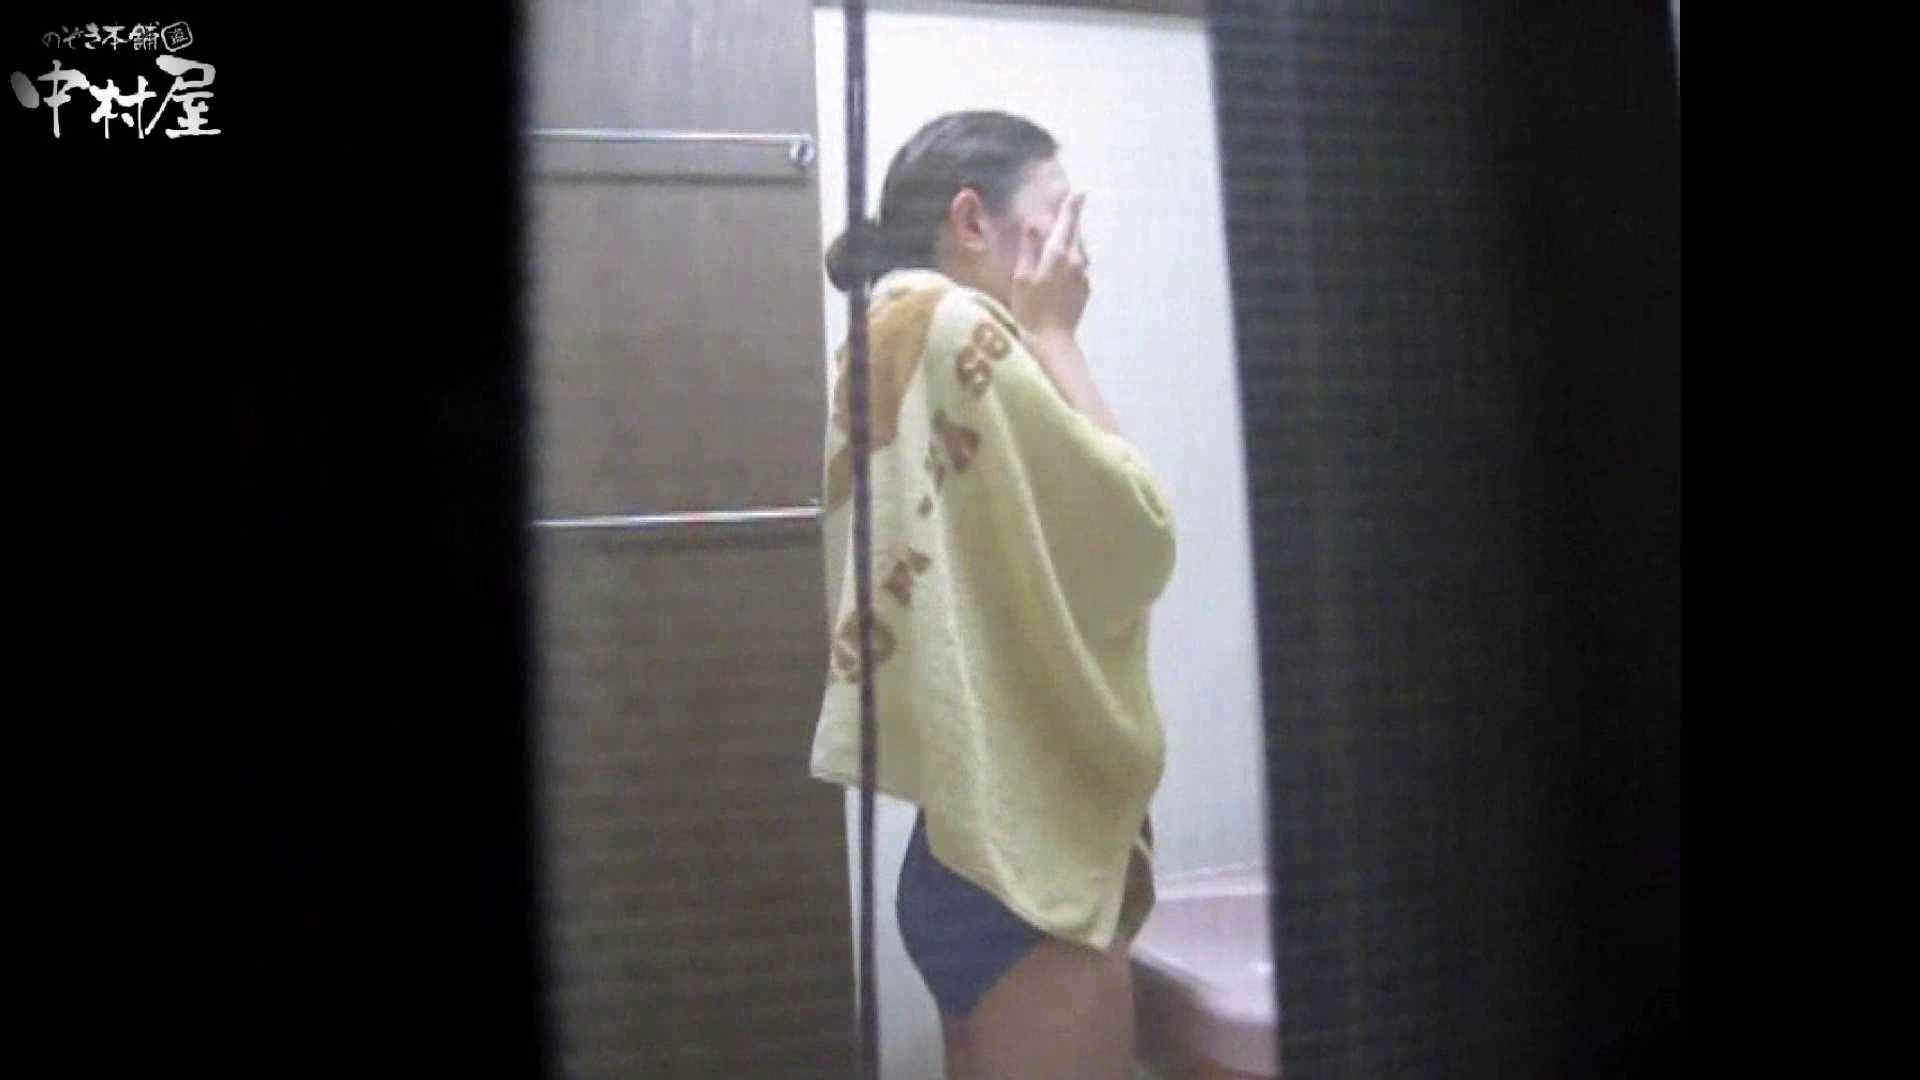 民家風呂専門盗撮師の超危険映像 vol.005 エロい美少女 ワレメ動画紹介 78PIX 54